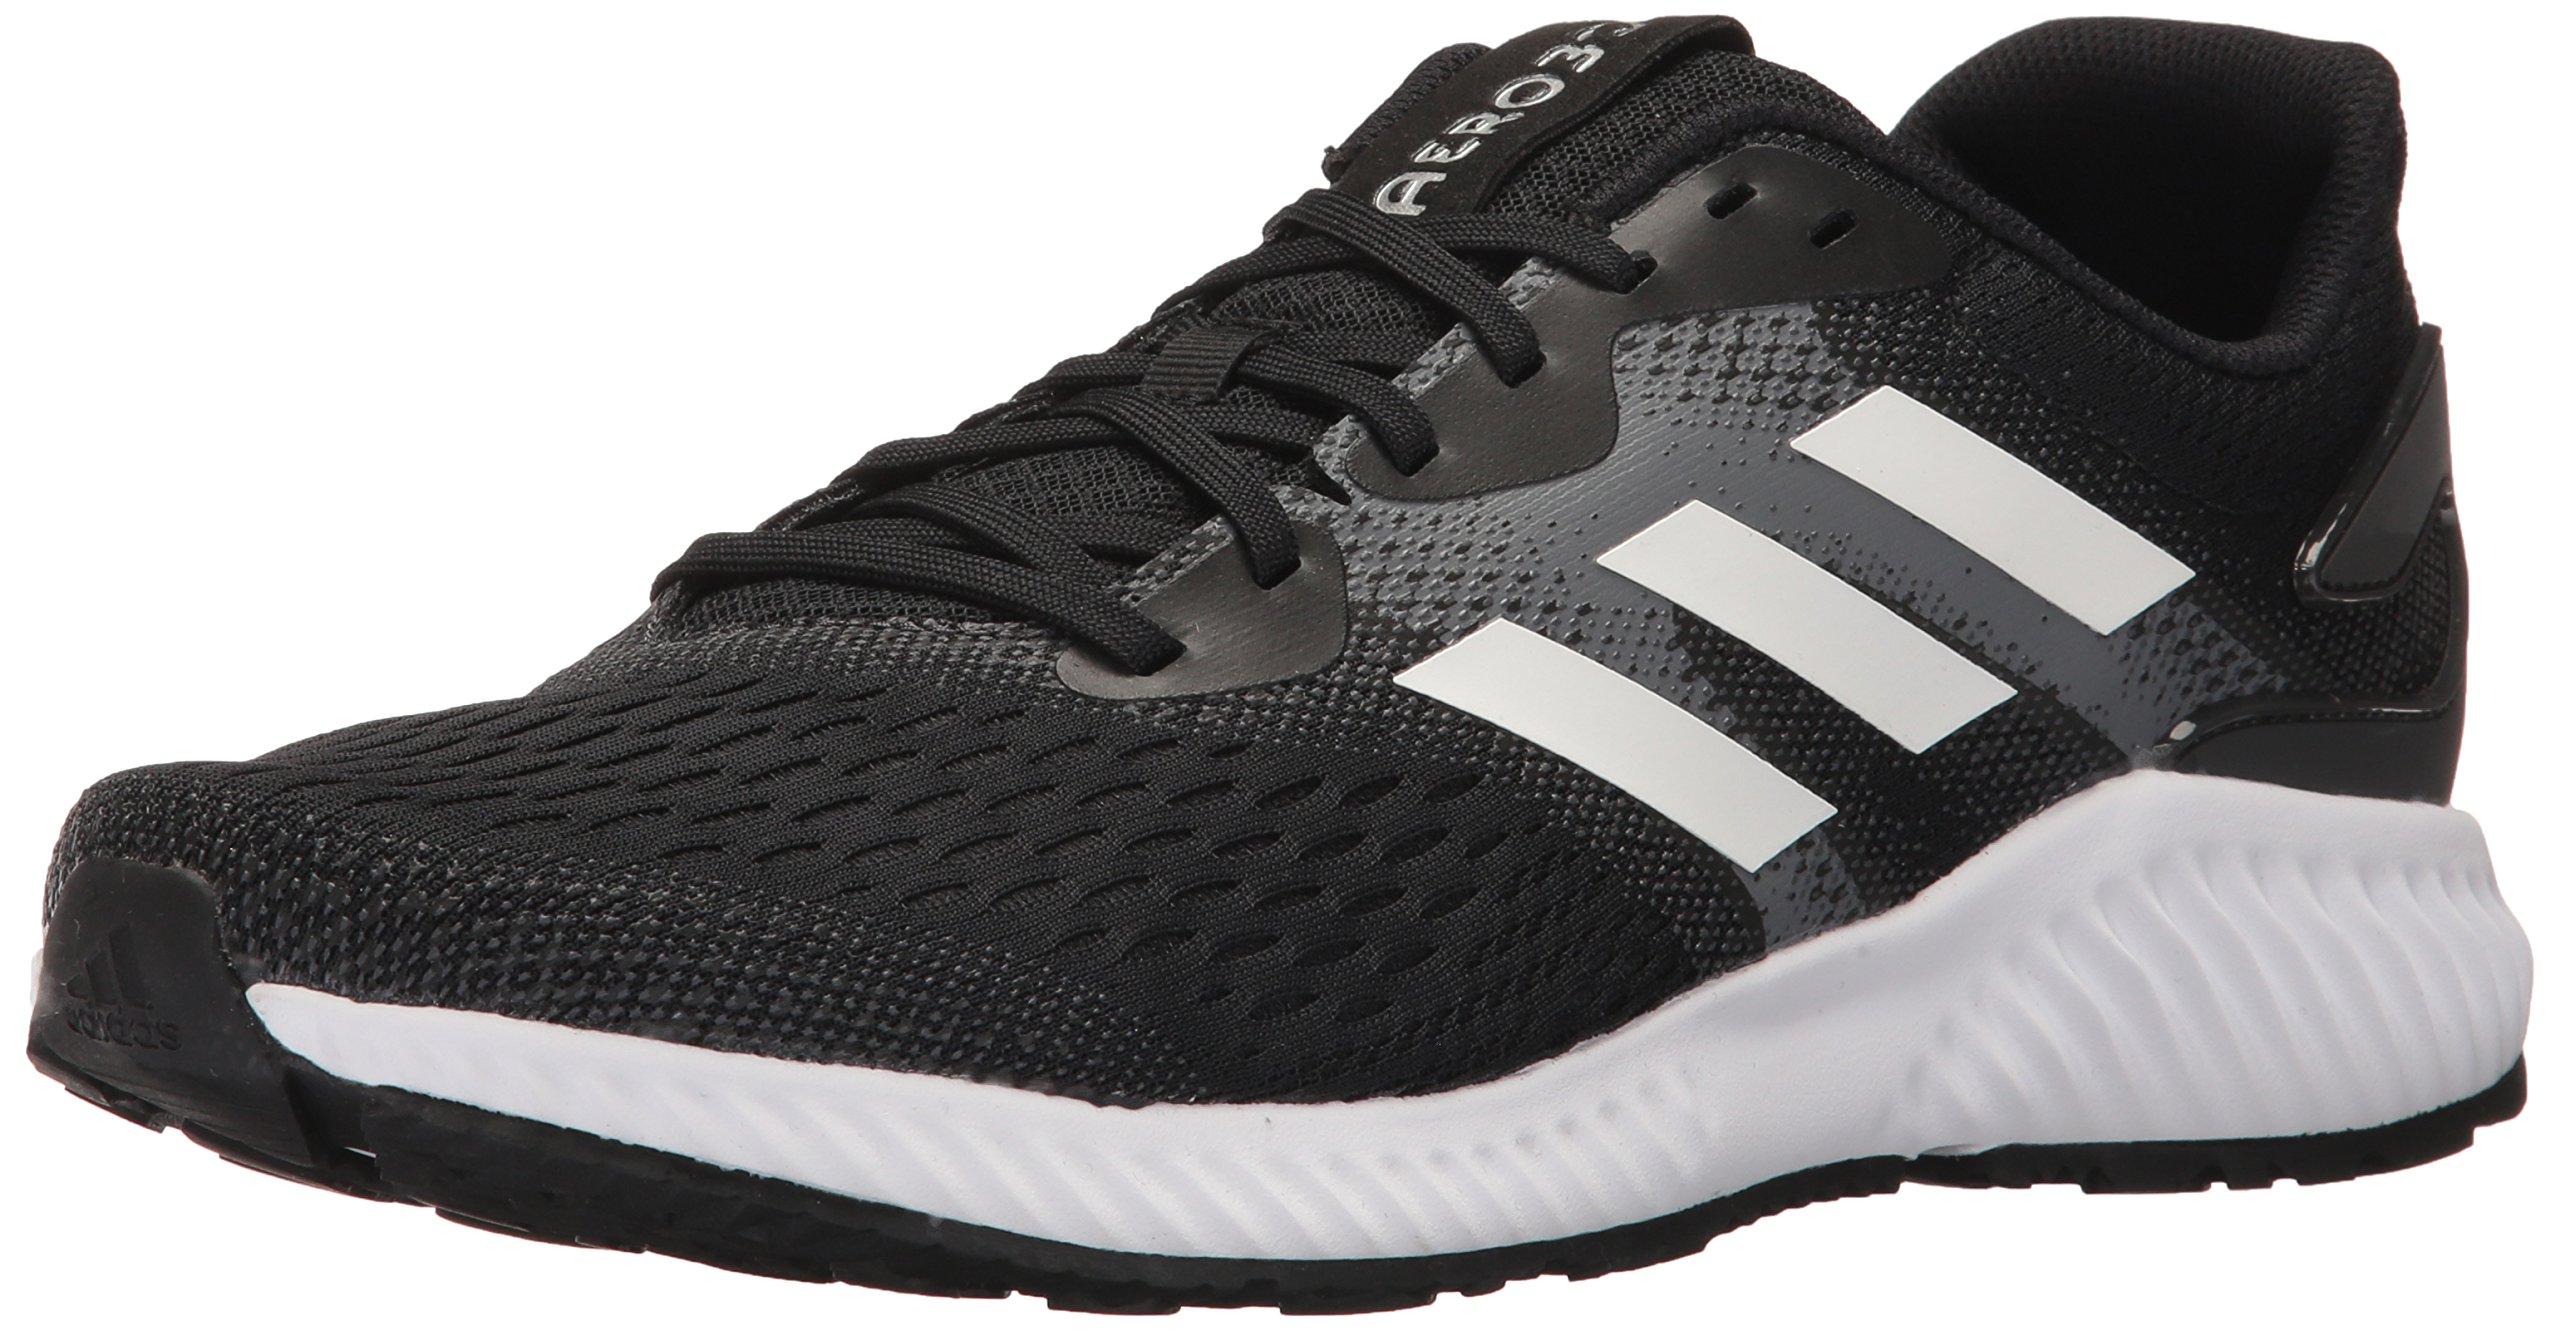 bdc5a6a6e adidas Men s Aerobounce m Running Shoe